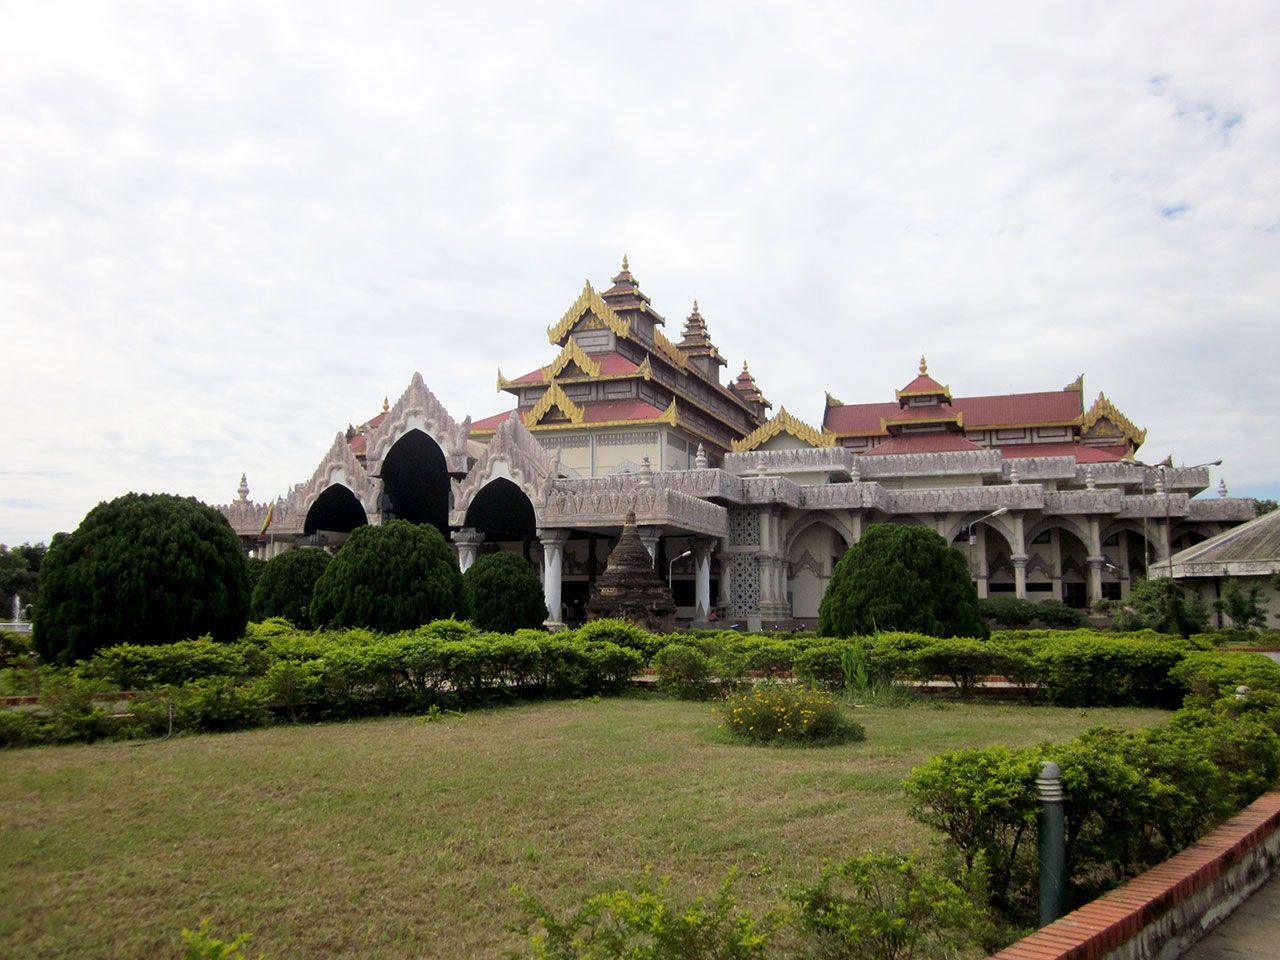 Aureum Palace Hotel & Resort Bagan, Myanmar - Booking.com